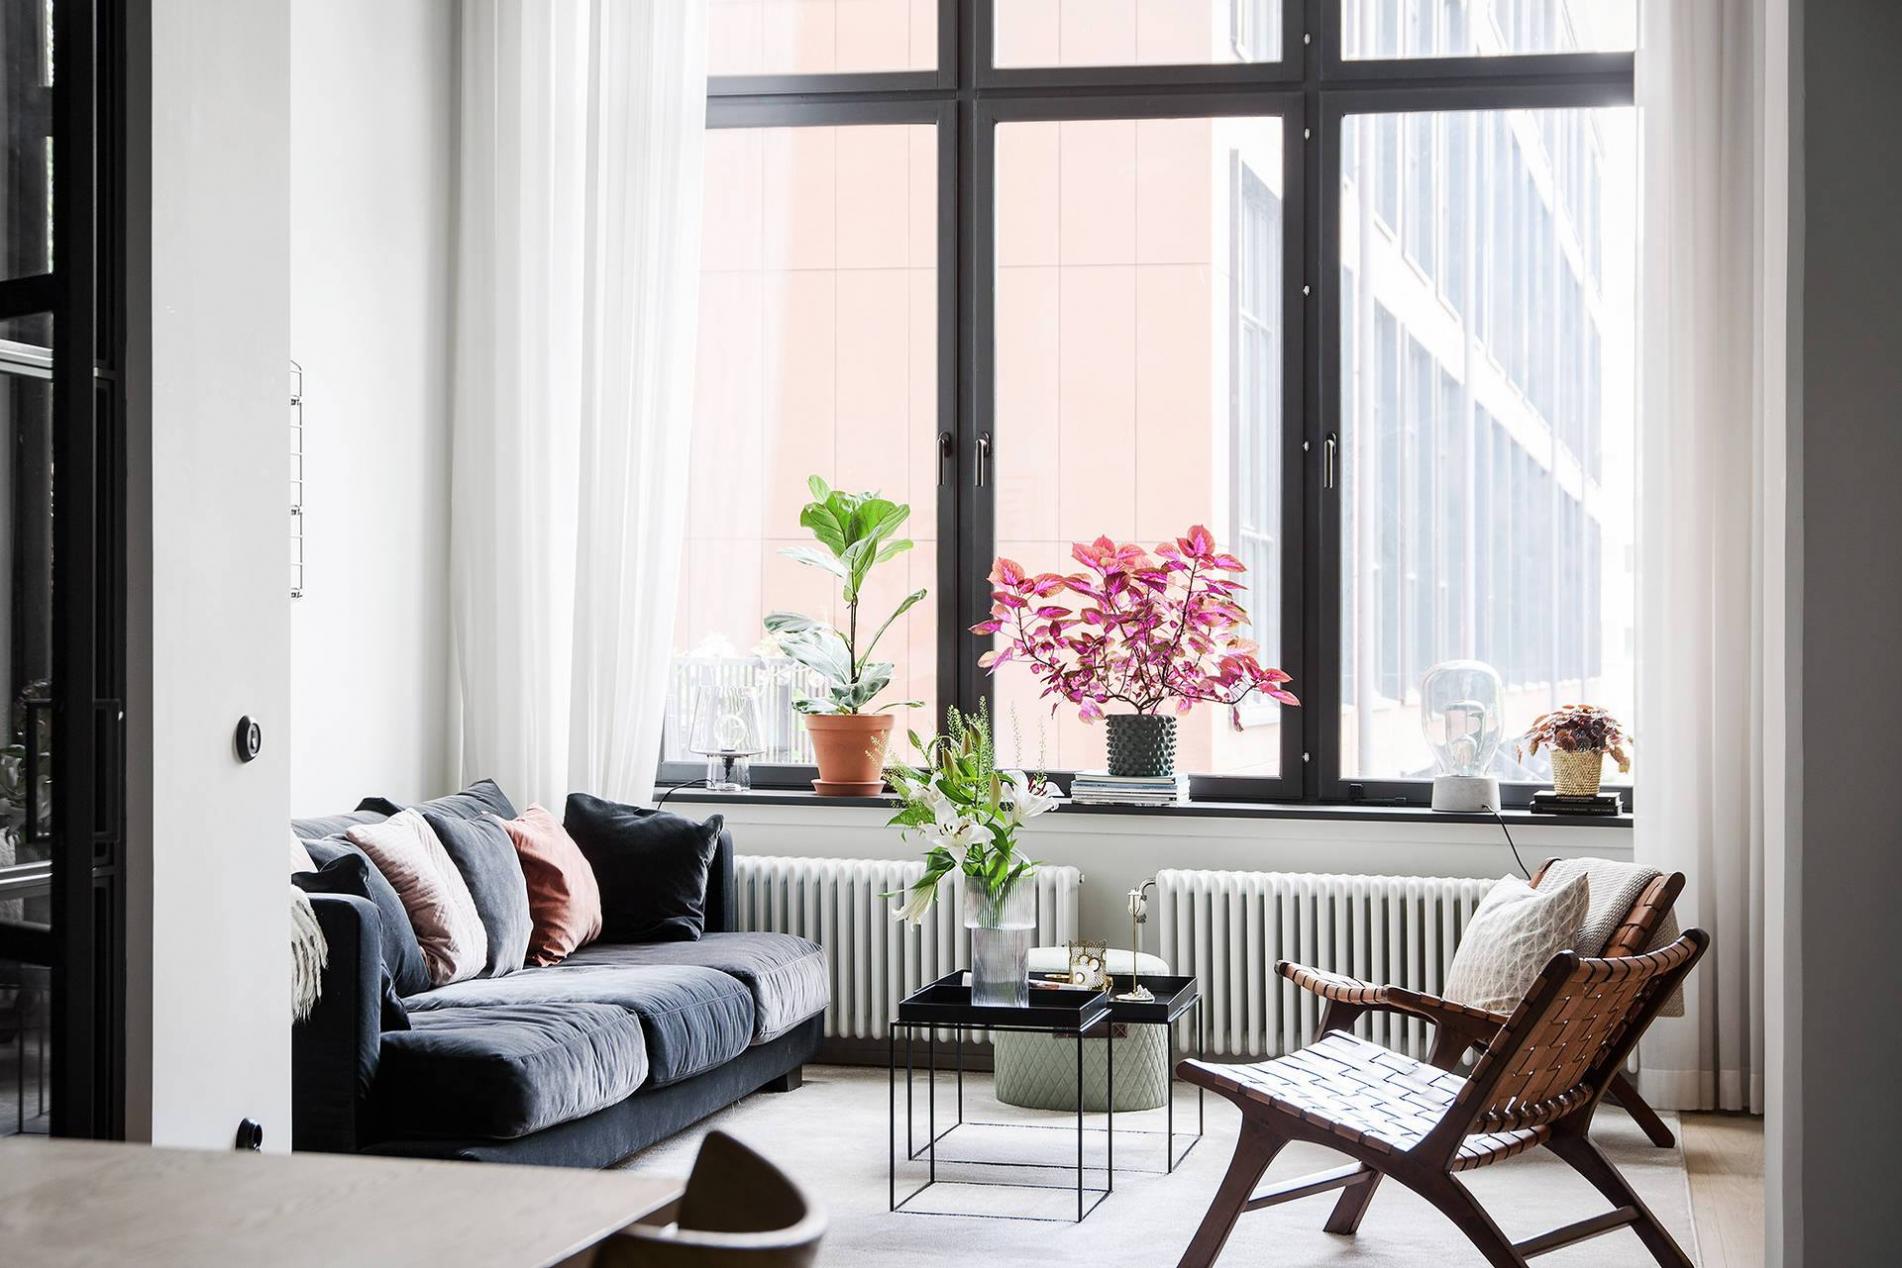 Thiết kế nội thất căn hộ chung cư 90m2 đơn giản phong cách Scandinavian